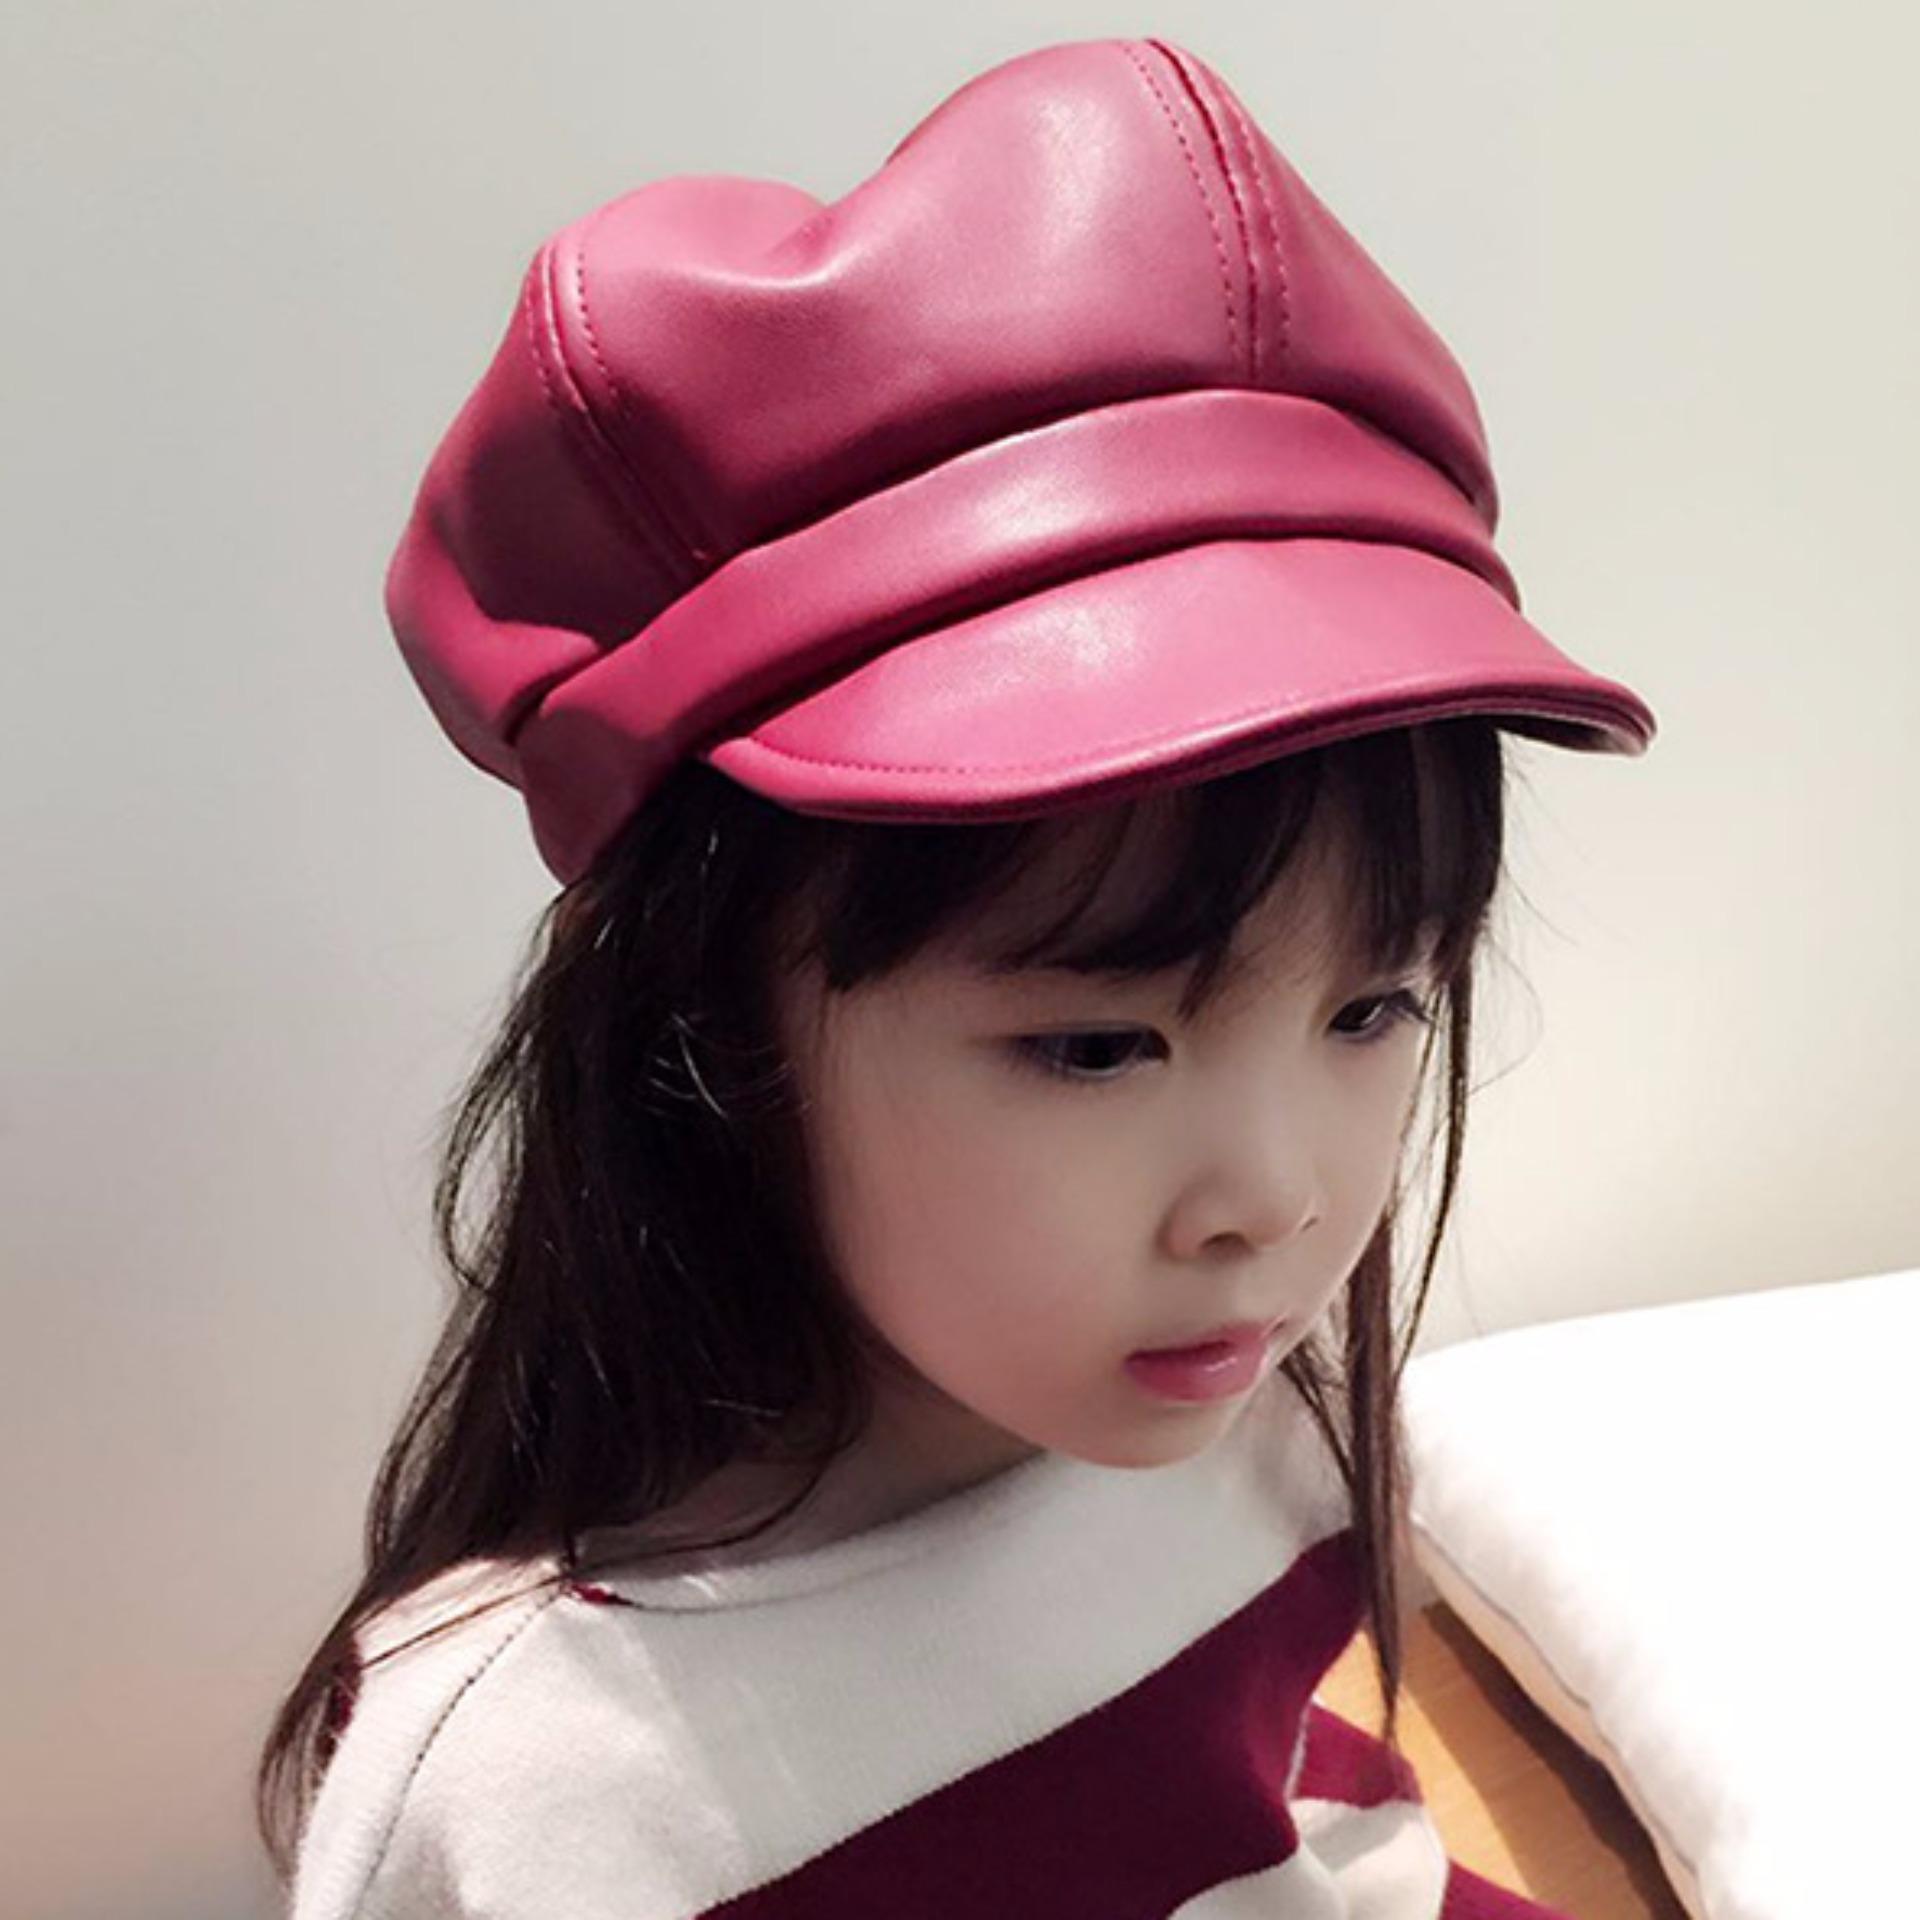 Mũ da bé gái phong cách thời trang Hàn 2018 K62 (Đỏ)